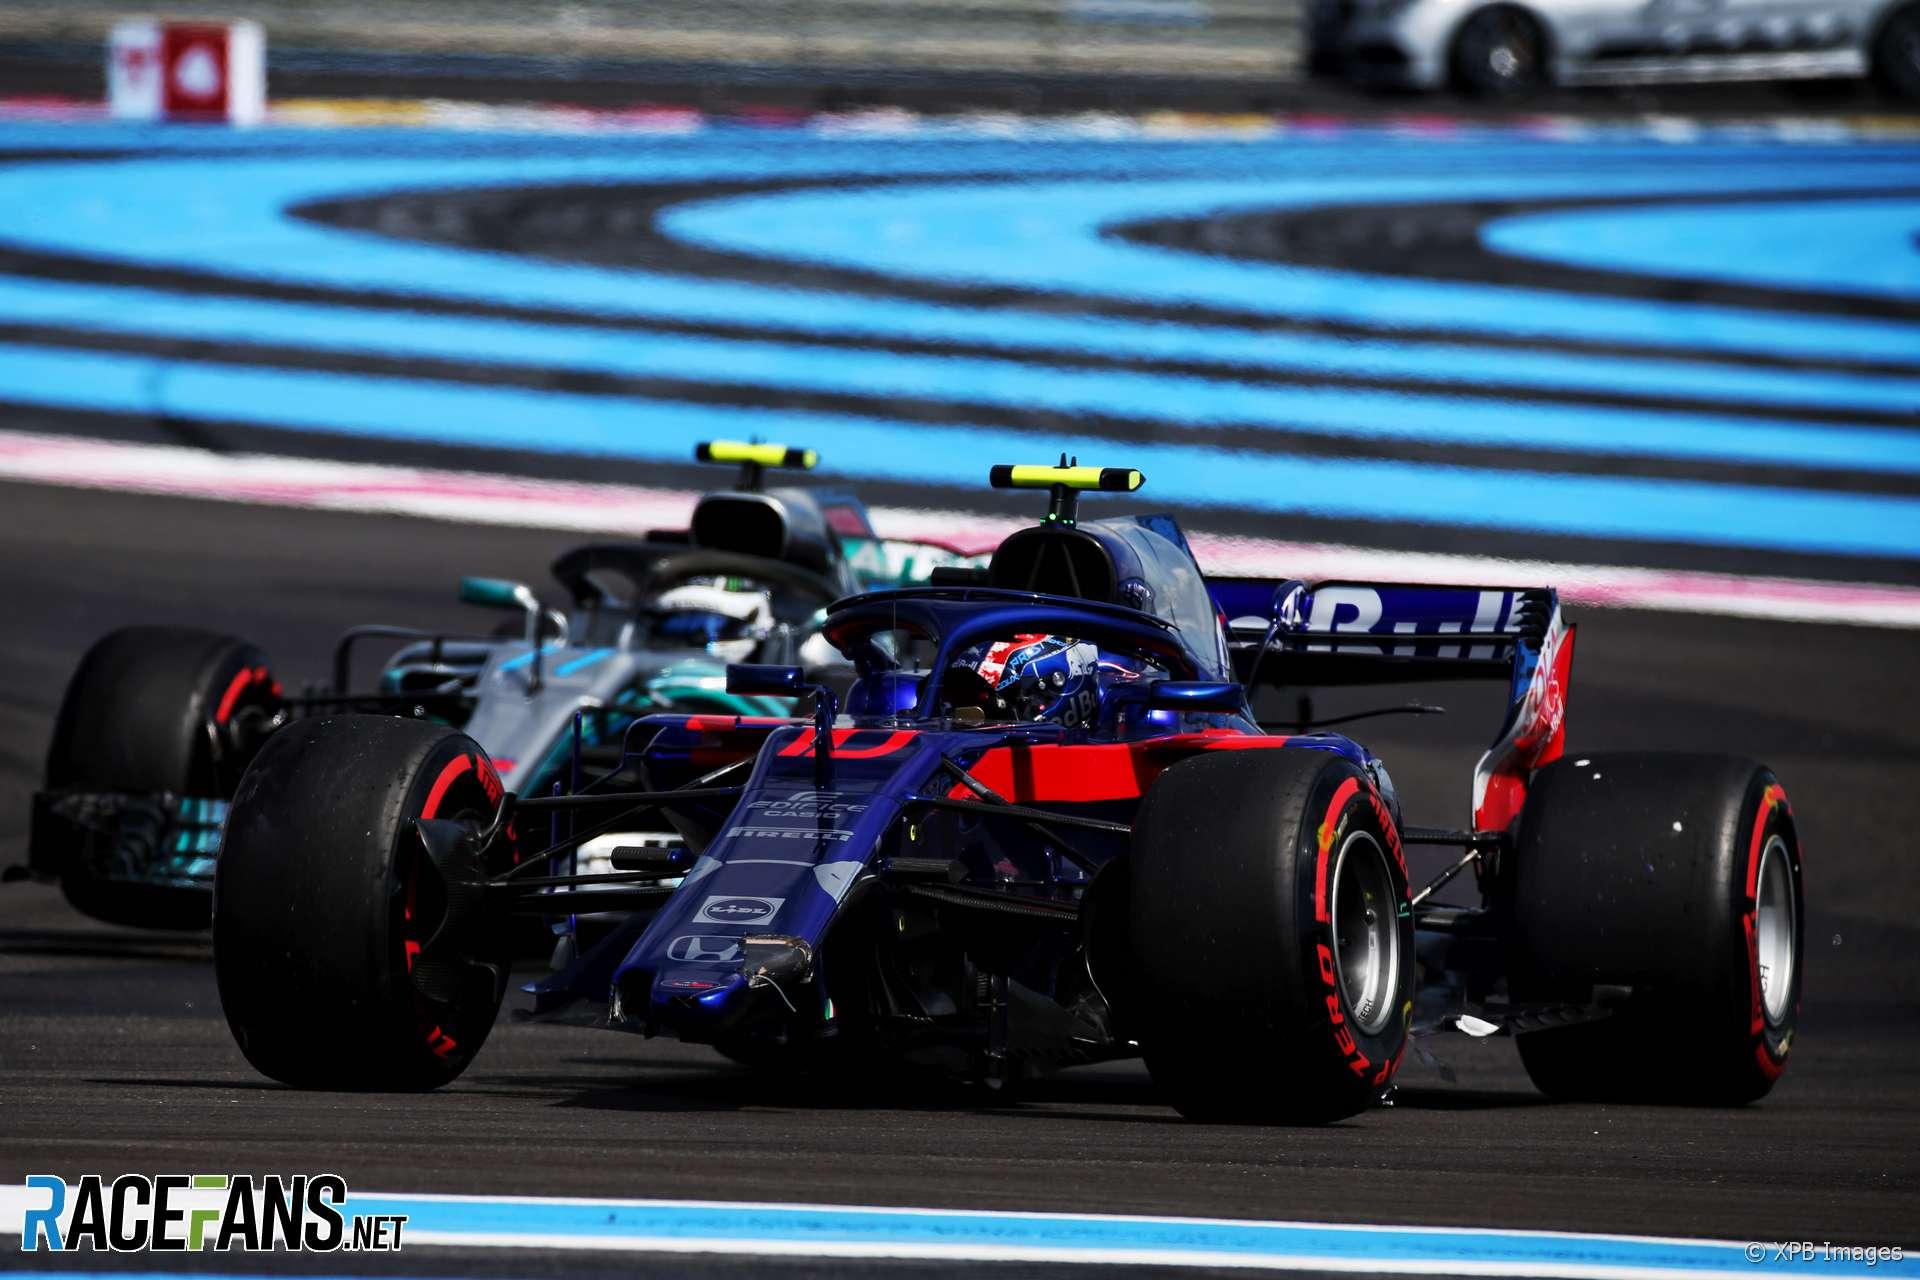 Pierre Gasly, Toro Rosso, Paul Ricard, 2018